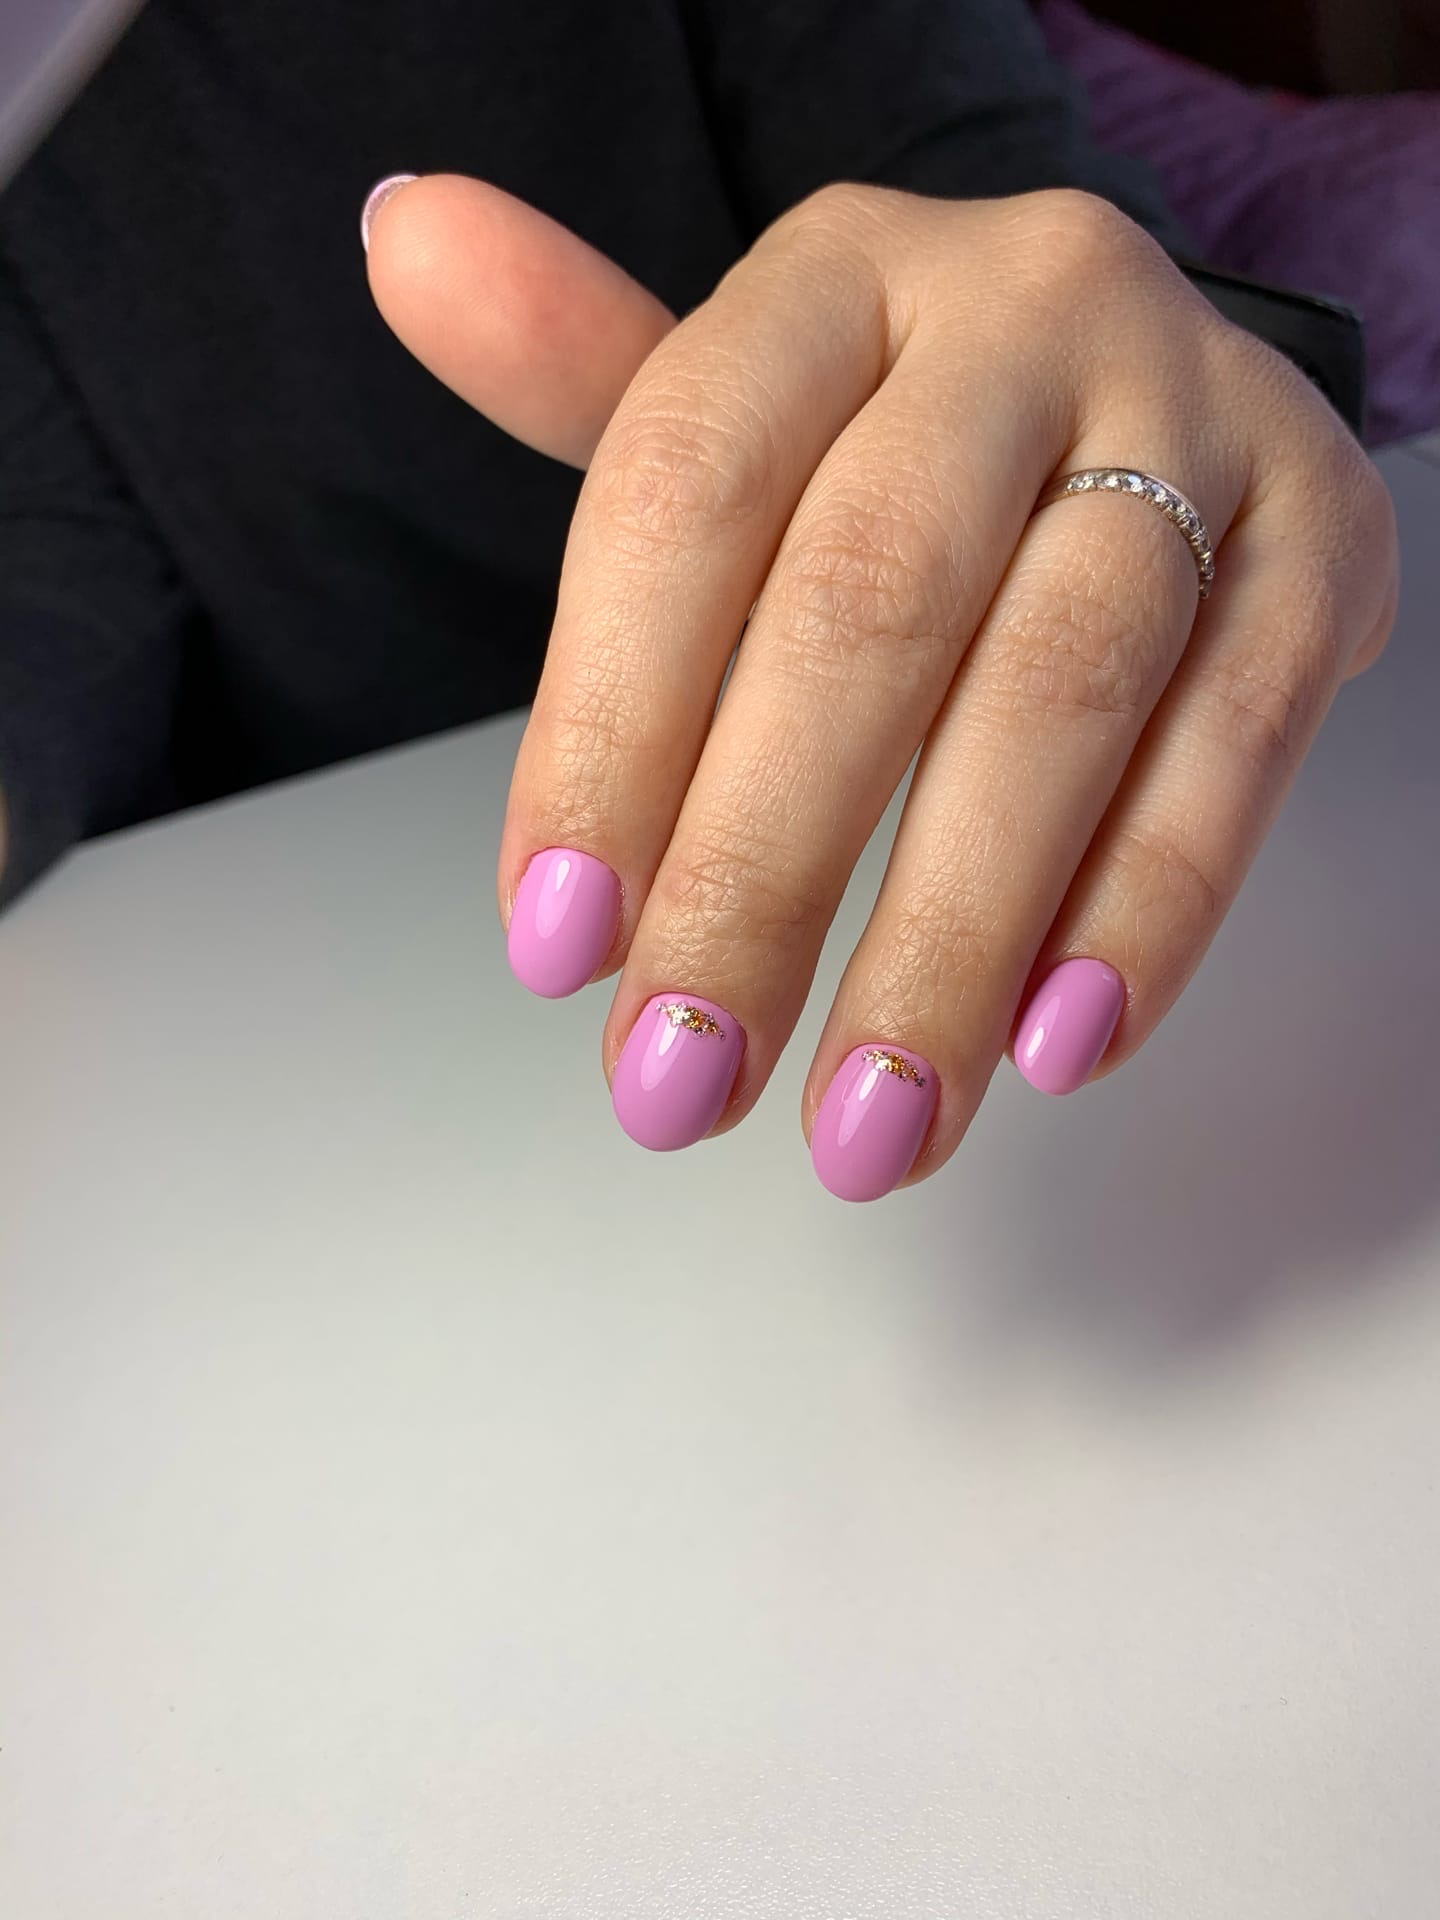 Маникюр с золотыми блестками в розовом цвете на короткие ногти.